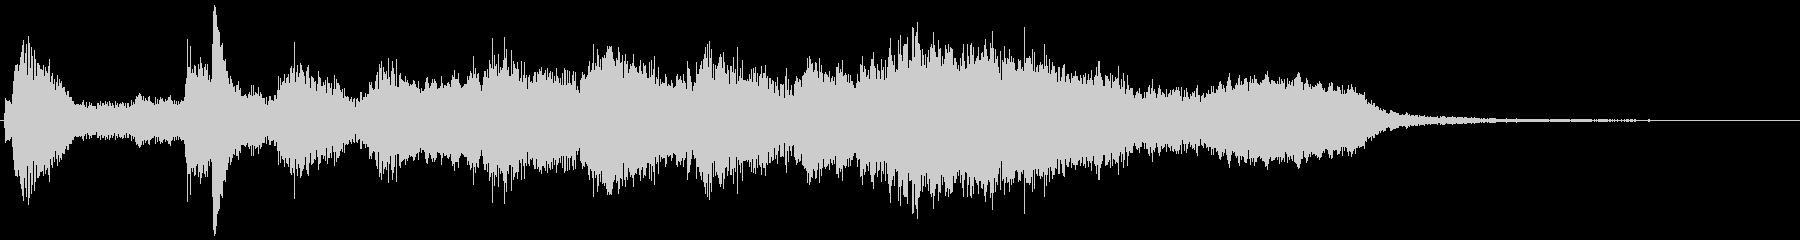 ピアノとシンセの神秘的なロゴの未再生の波形